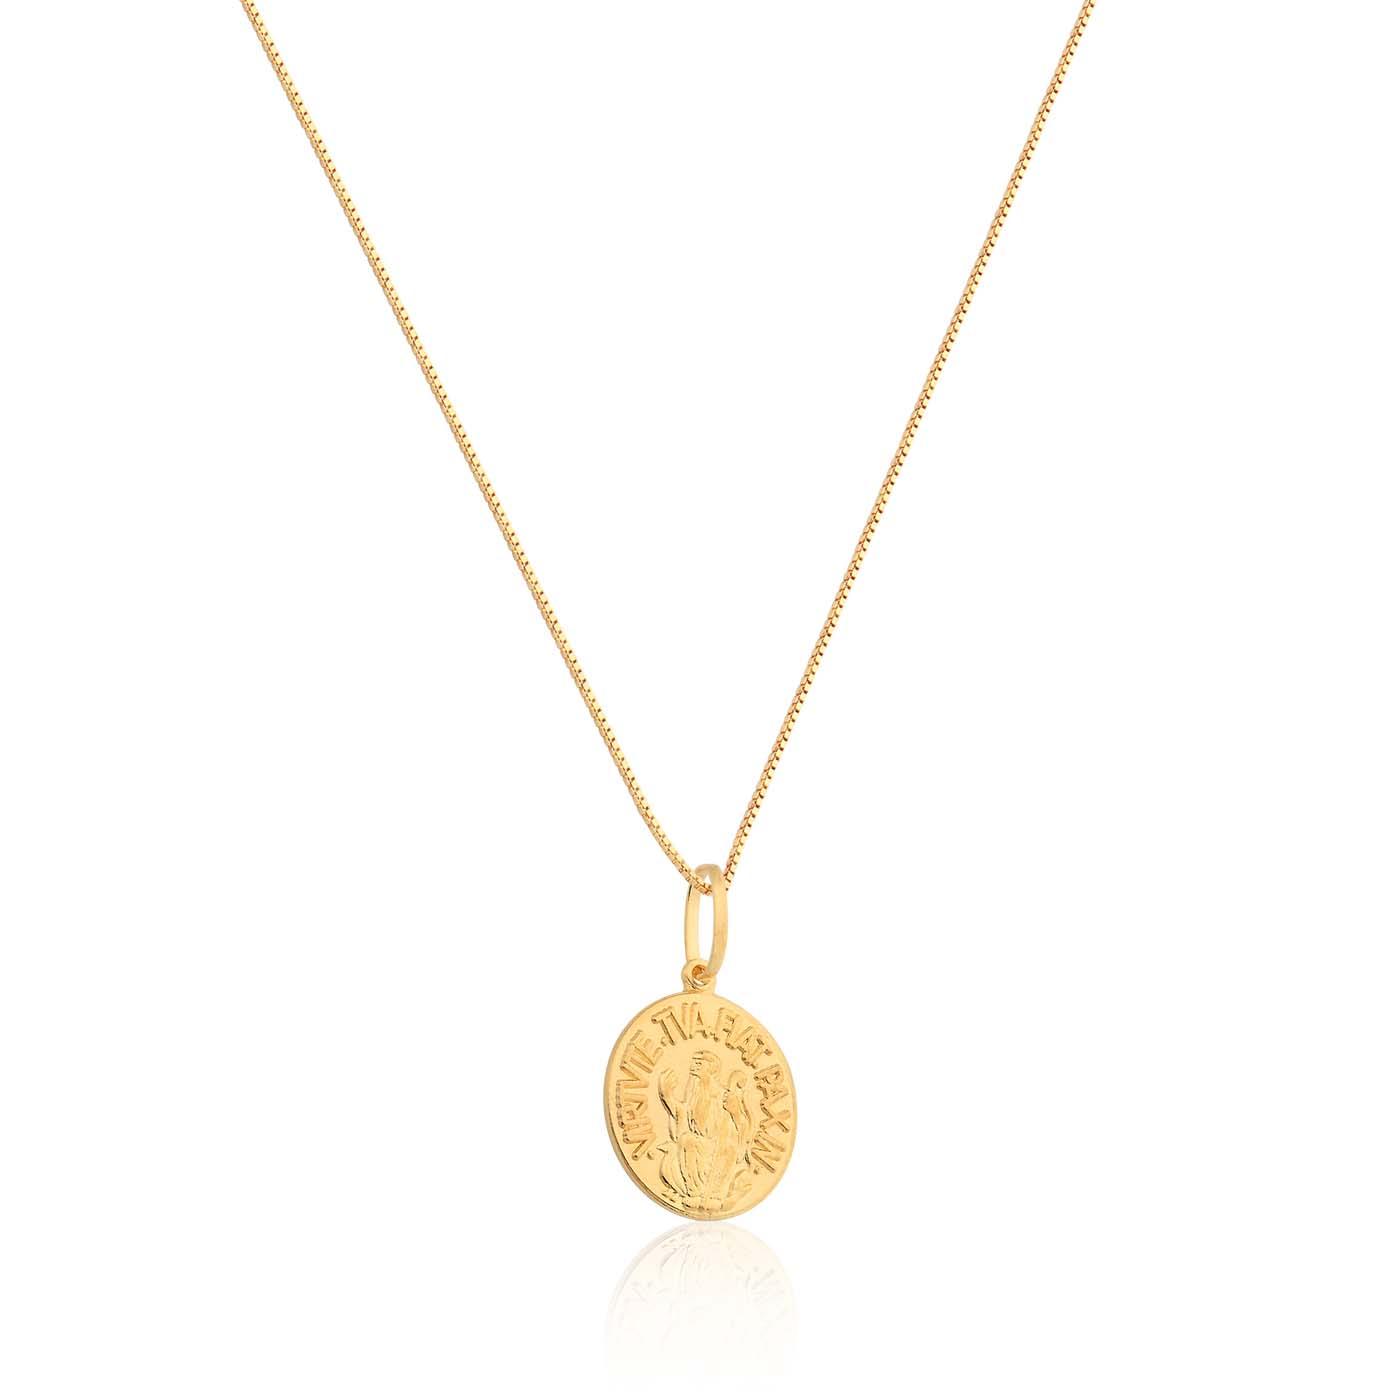 19cec3c4379d0 ... FéPingente são bento ouro amarelo - coleção medalhas. Passe o mouse  para ampliar. Confira o estoque deste produto nas lojas